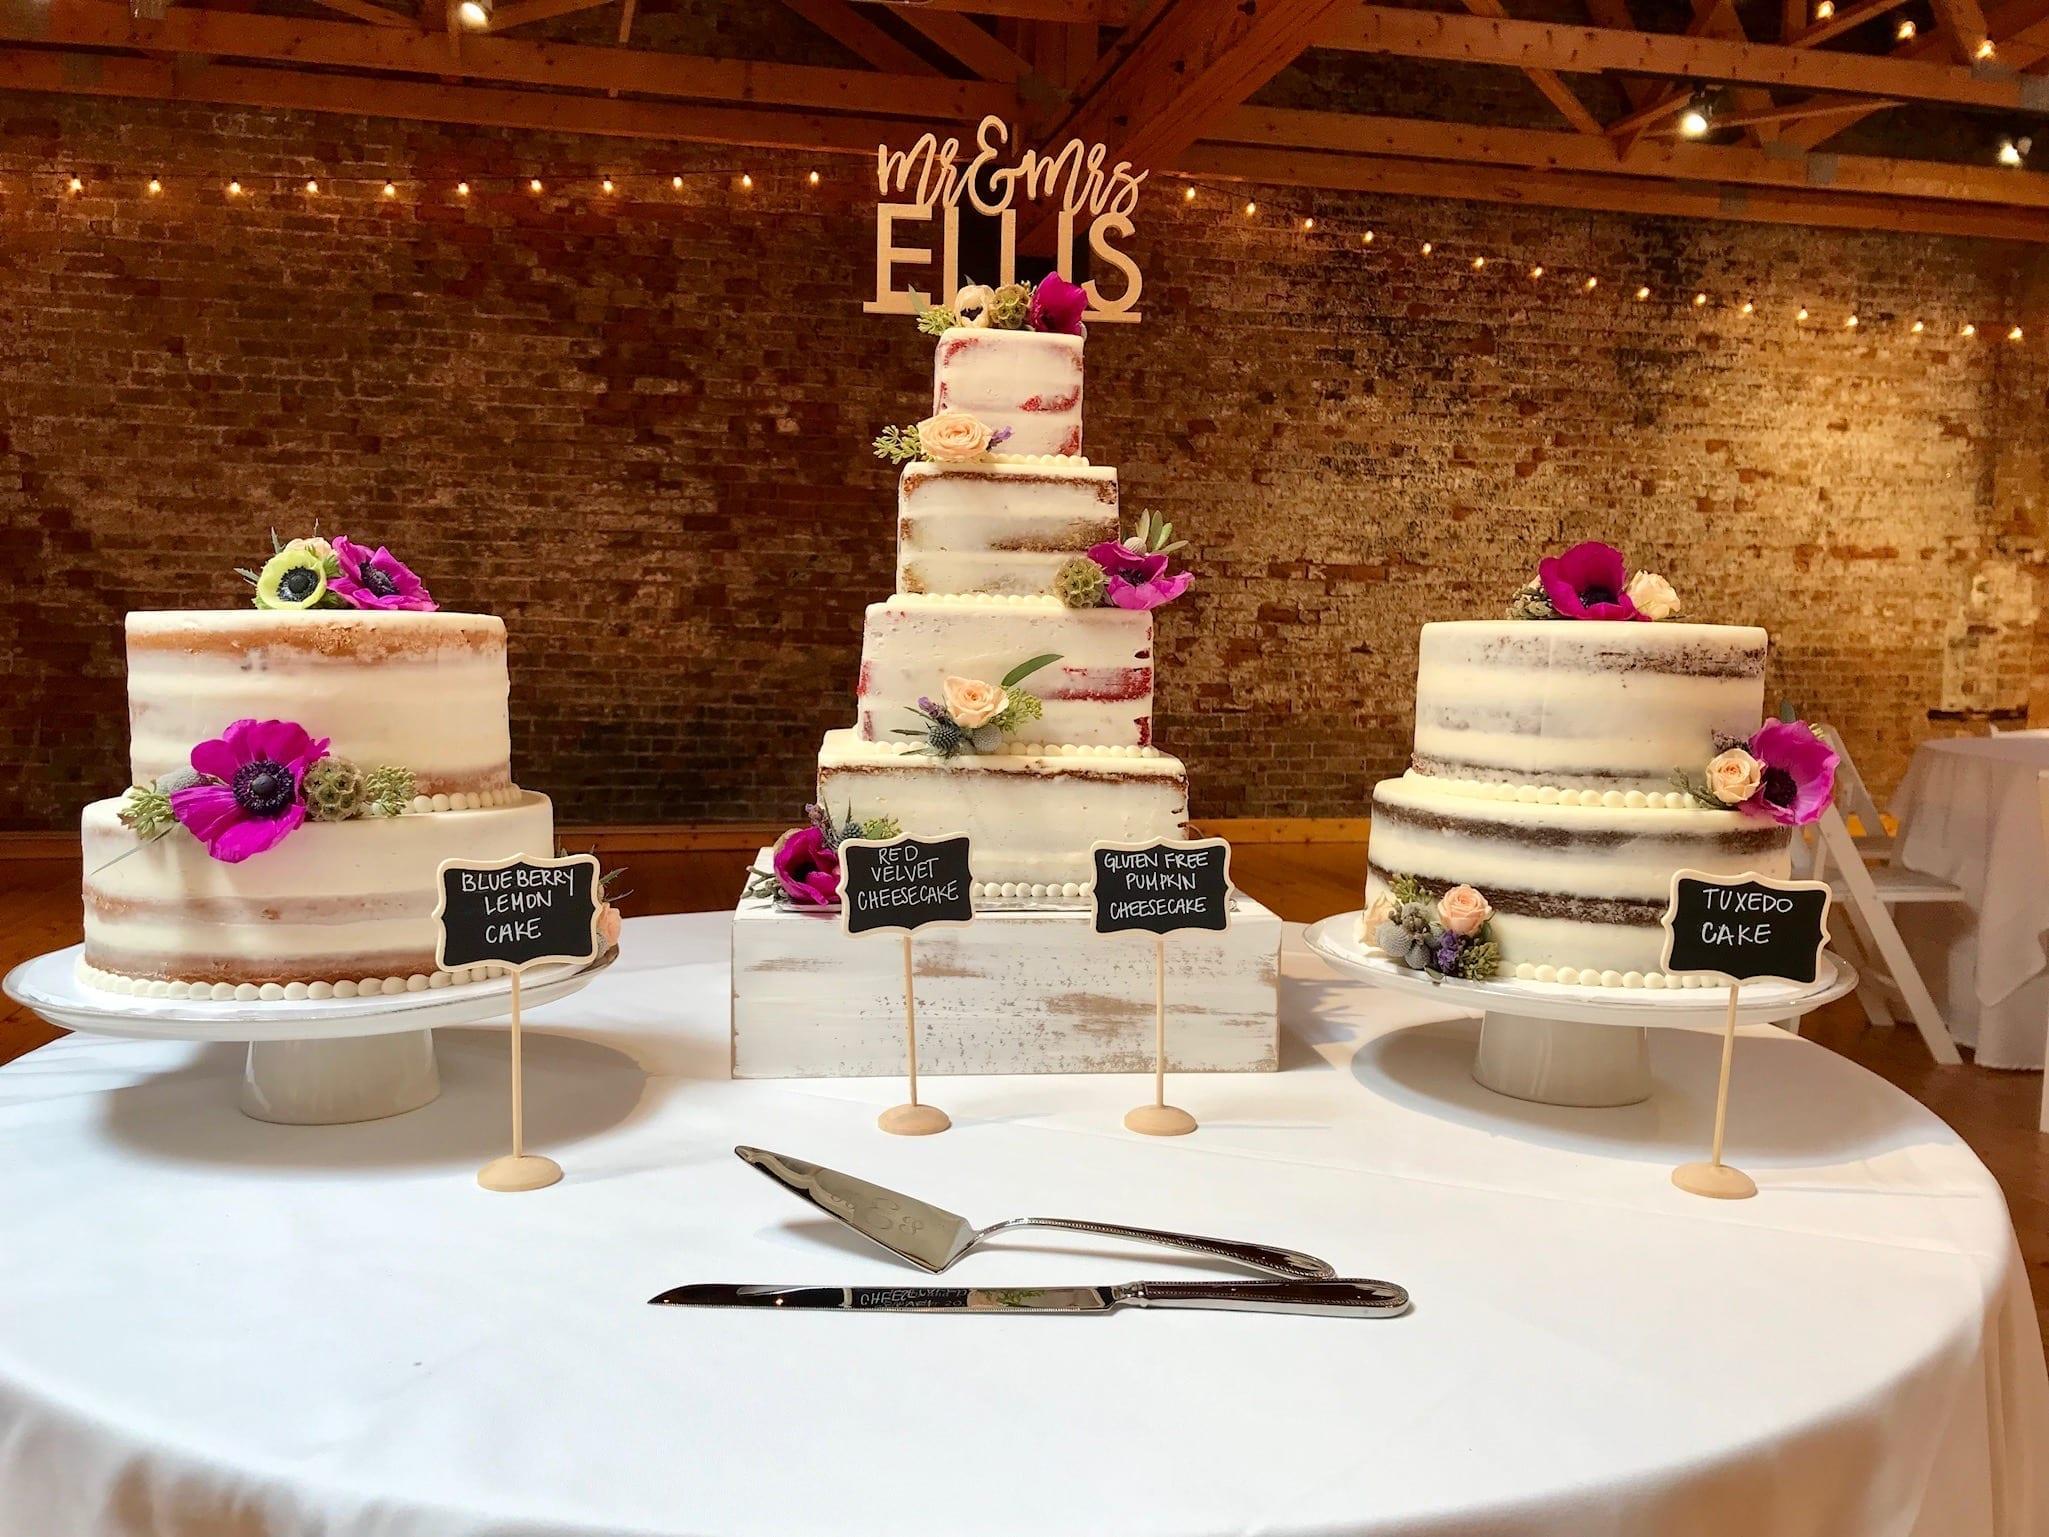 Naked Wedding Cakes at Rhinegeist Wedding | 3 Sweet Girls Cakery